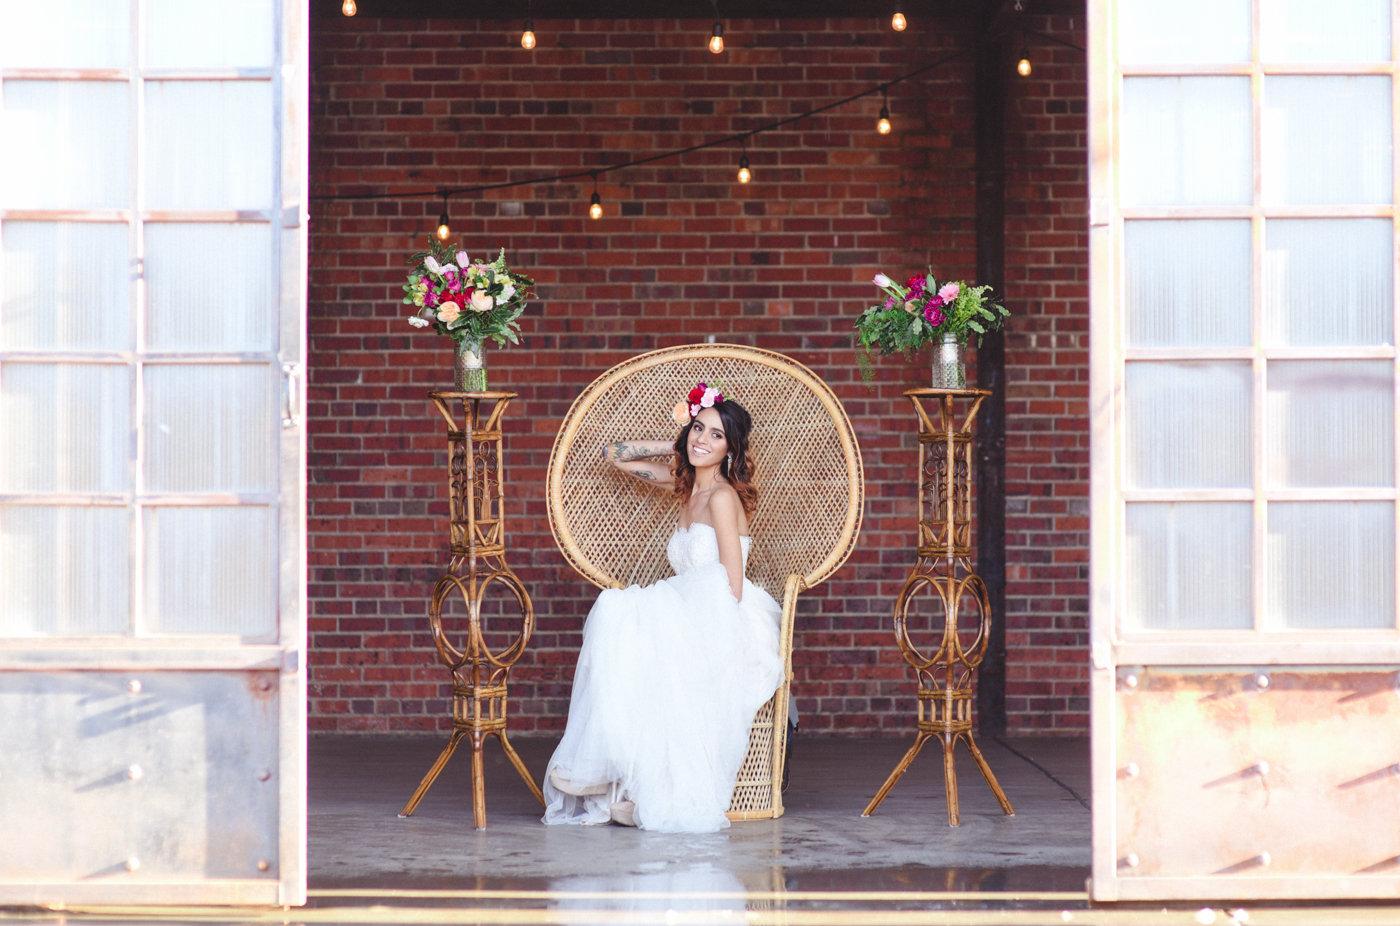 Styled Wedding at Blanc Denver Colorado-GWS Pub-0061.jpg